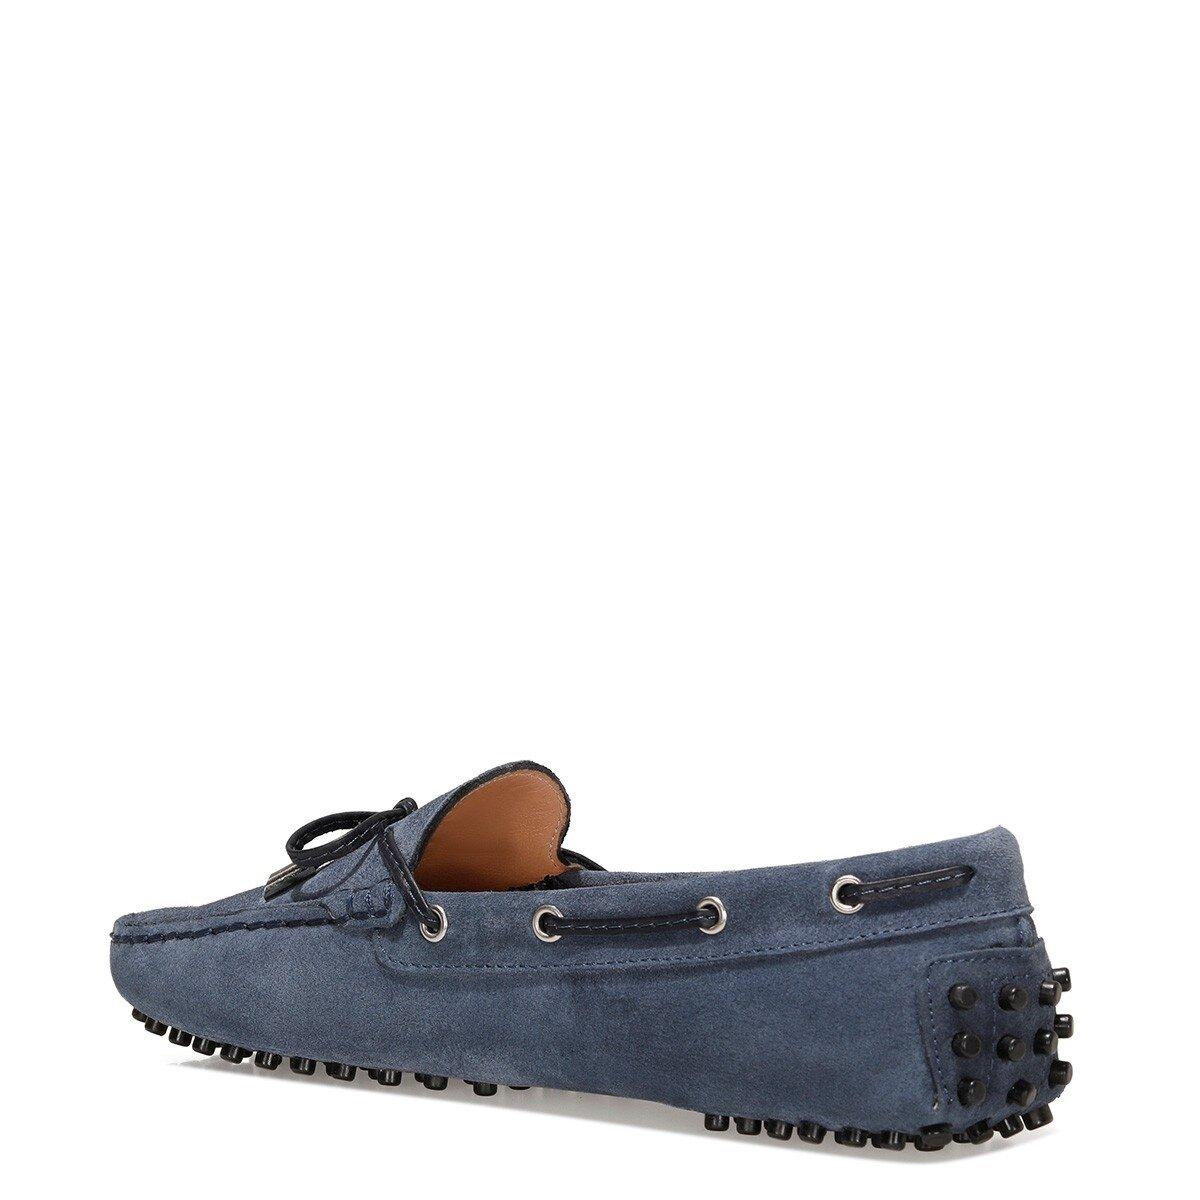 NEWHOLT2 1FX Lacivert Kadın Loafer Ayakkabı